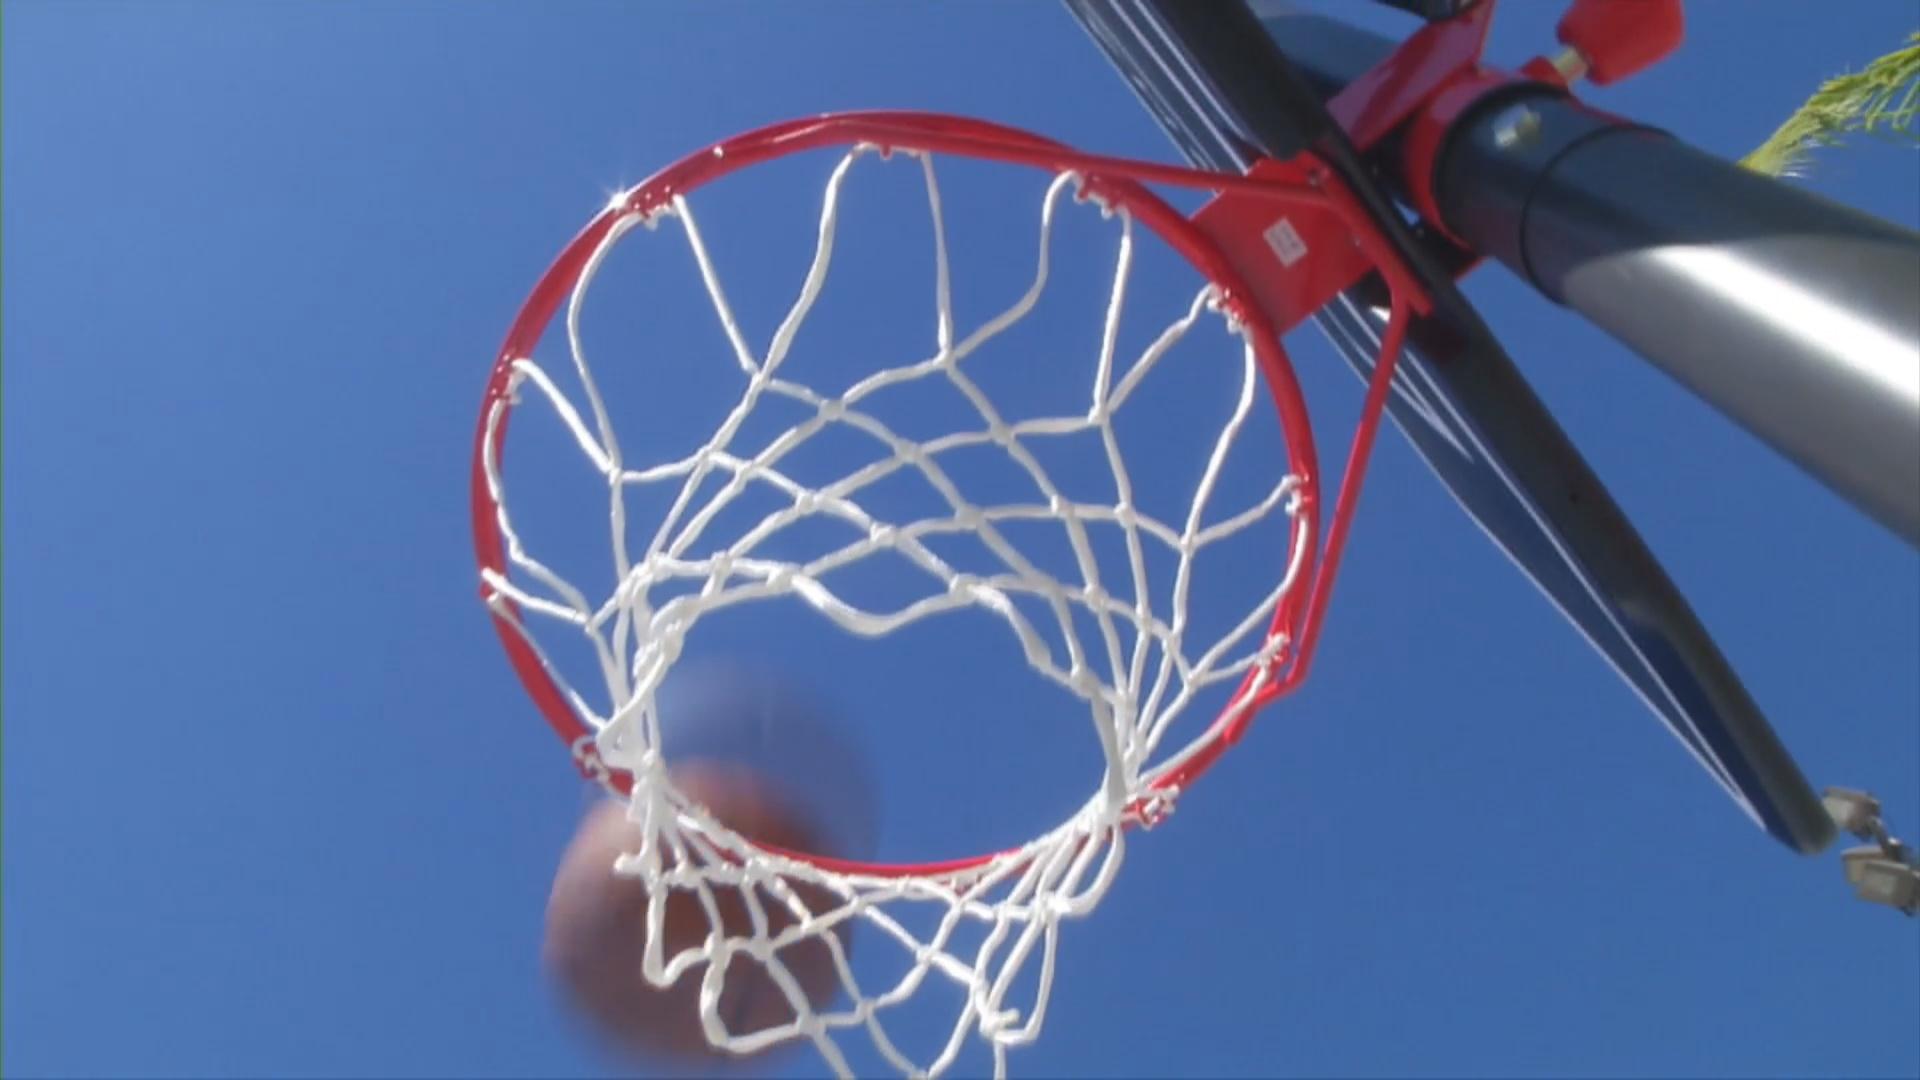 Onews Guadeloupe. Vieux Habitants une Association relance le basket pour les jeunes.